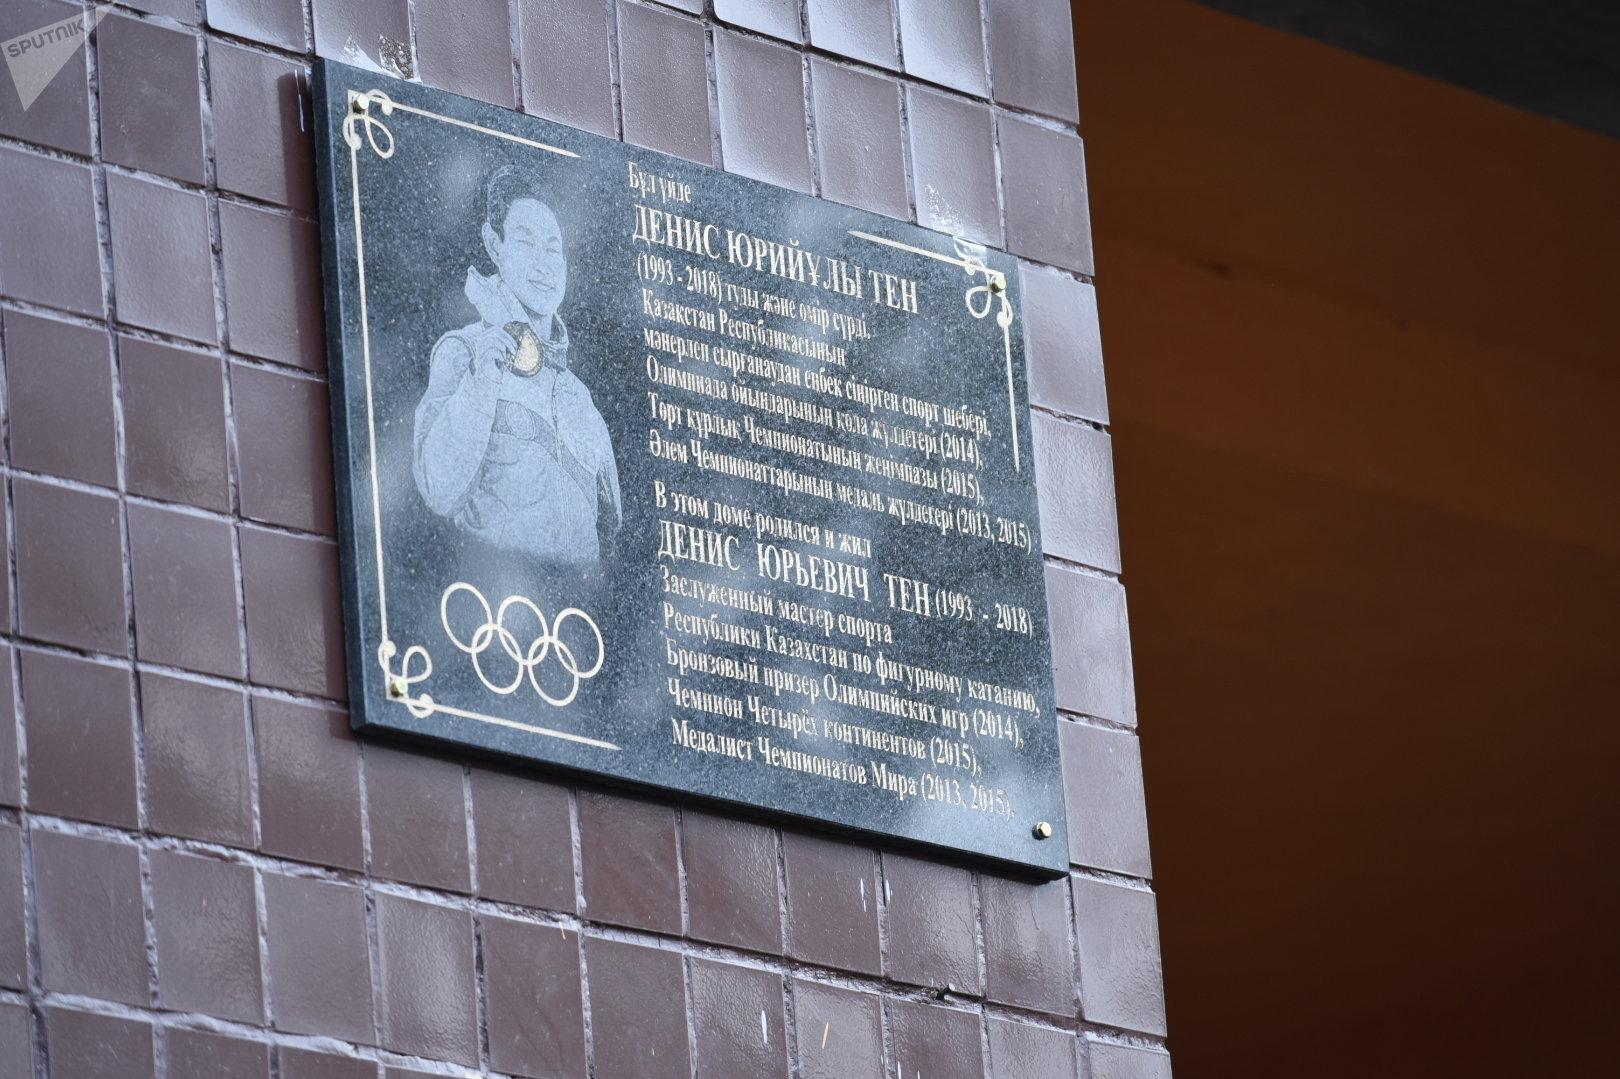 Мемориальная доска появилась в Алматы на доме, где жил казахстанский фигурист Денис Тен